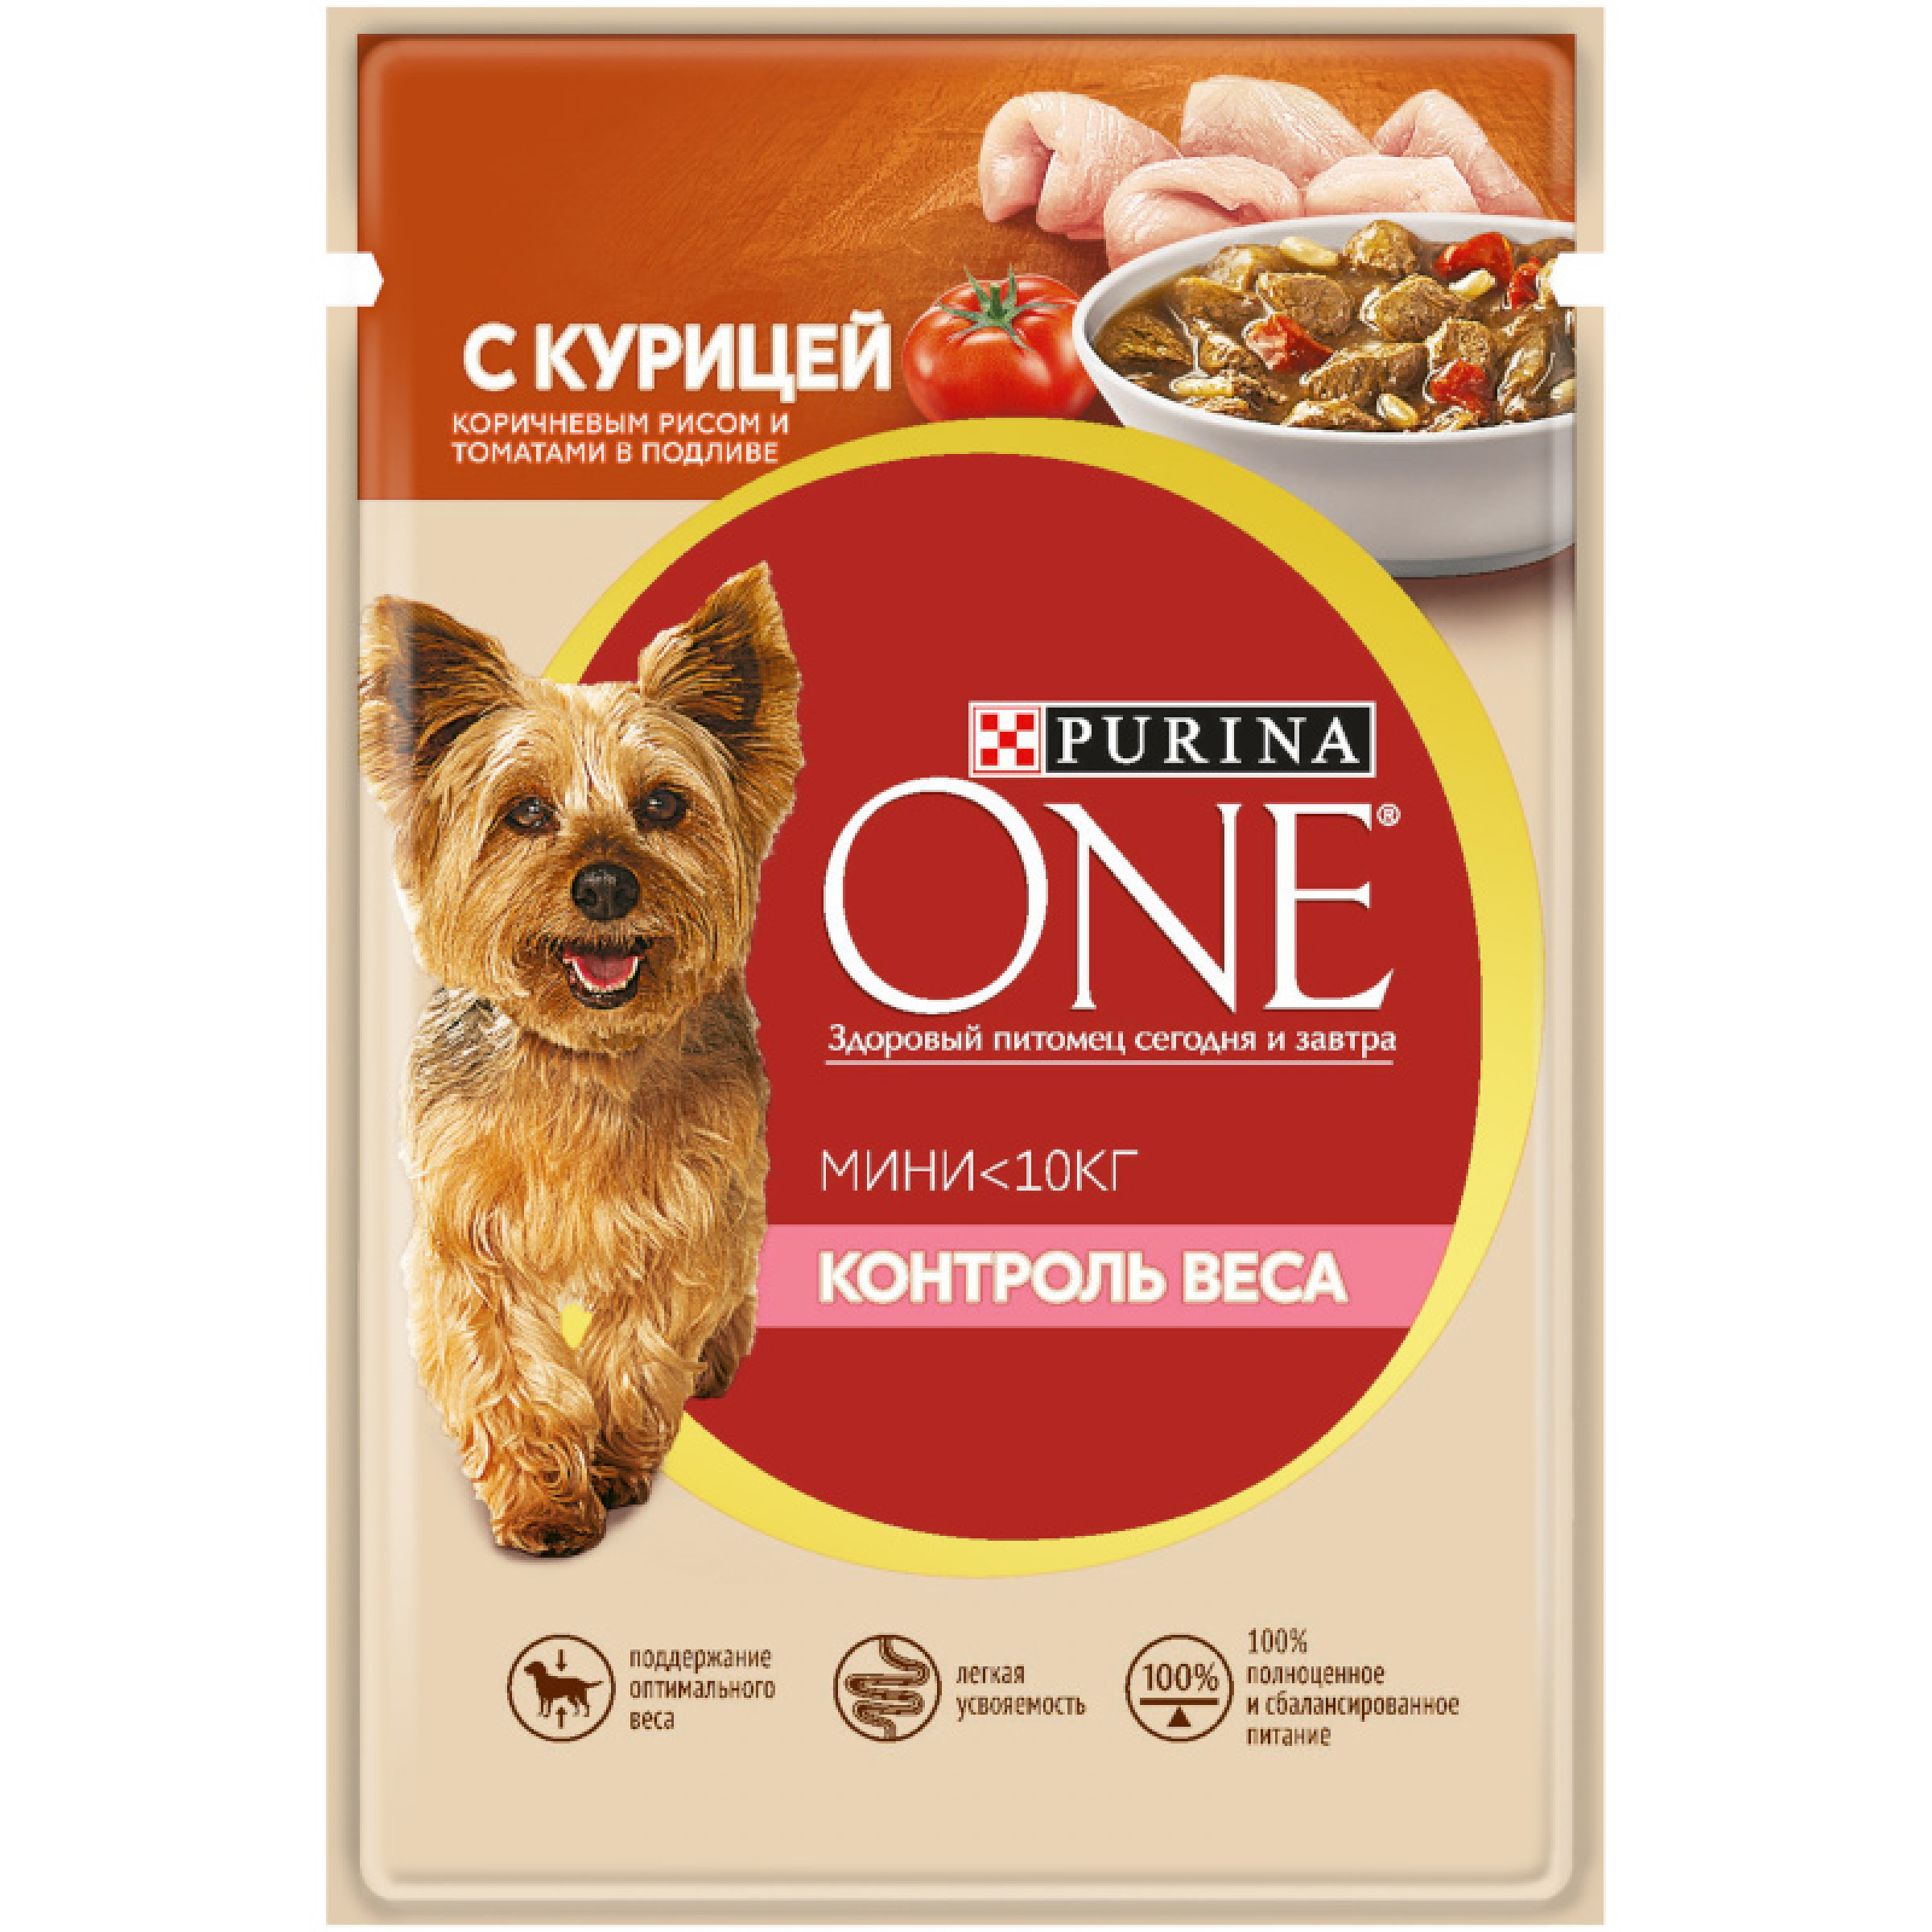 Влажный корм для собак мелких пород Purina ONE МИНИ Контроль веса, с курицей коричневым рисом и томатами в подливе, 85 гр